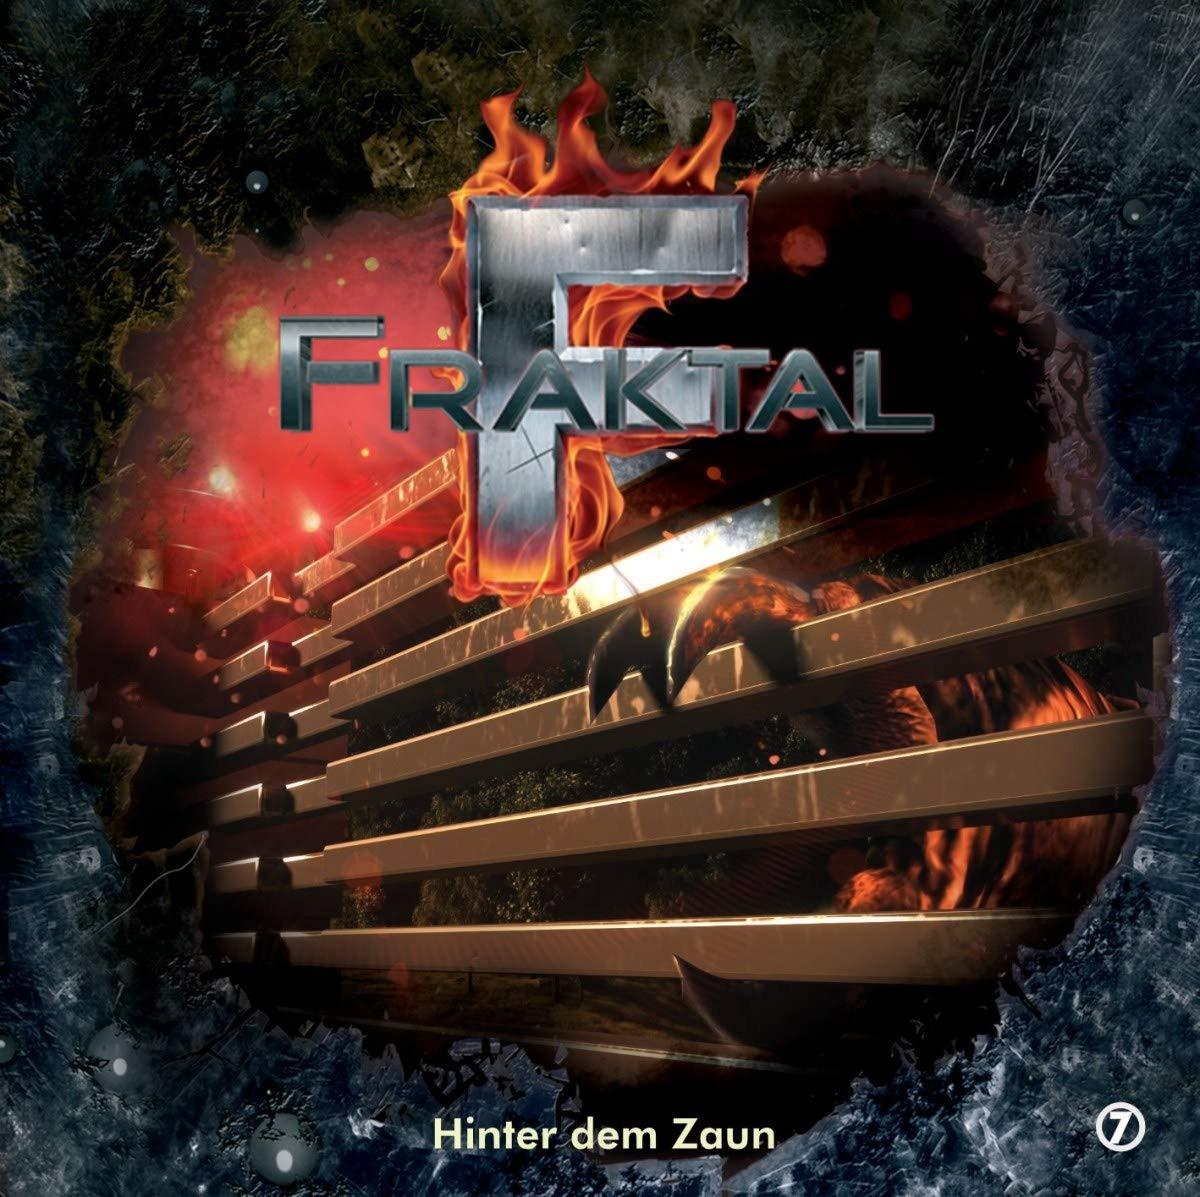 Fraktal - Folge 7: Hinter dem Zaun